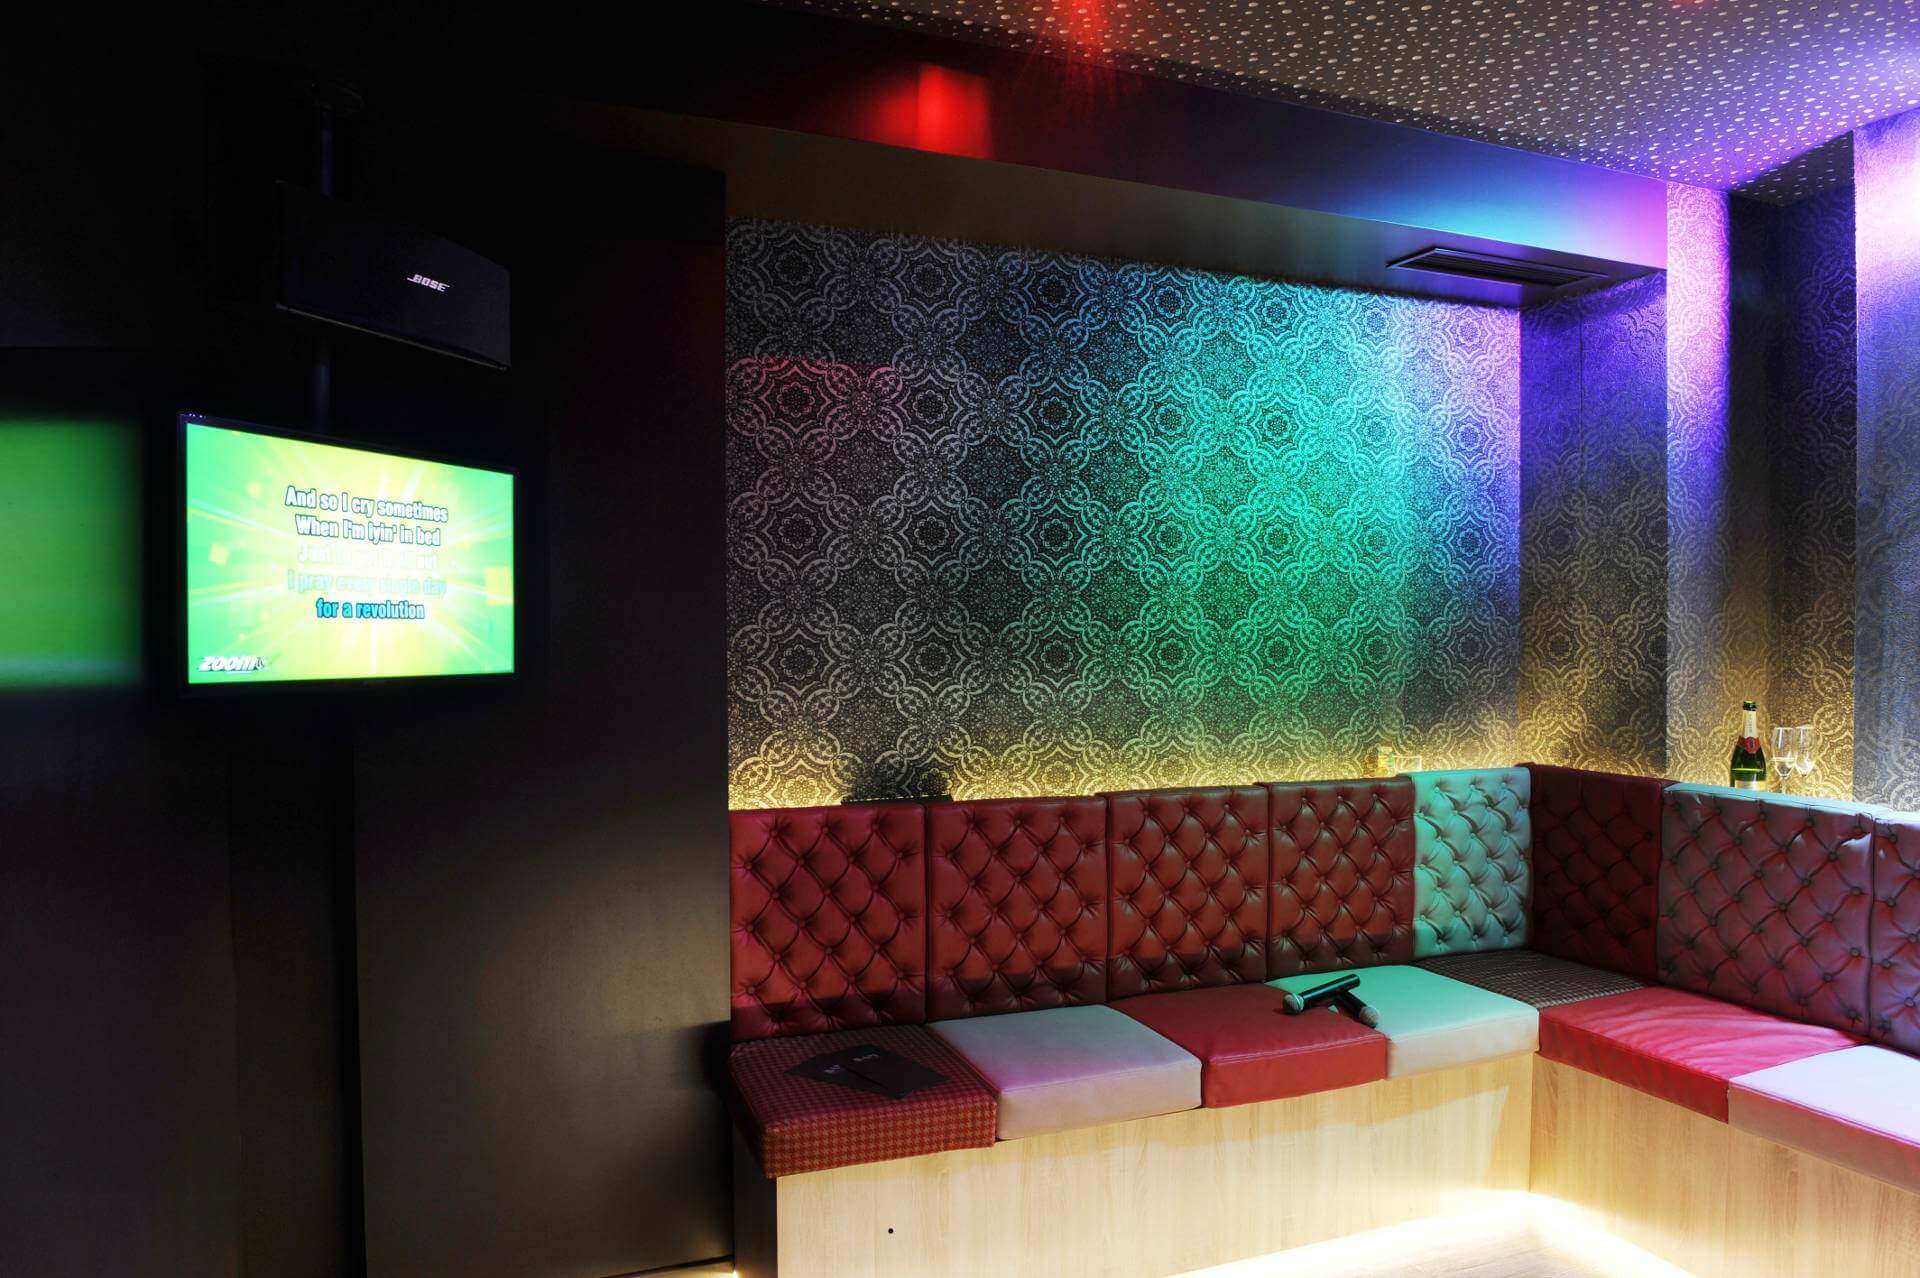 bam-karaoke-box-chanson-paris-meilleur-karaoke